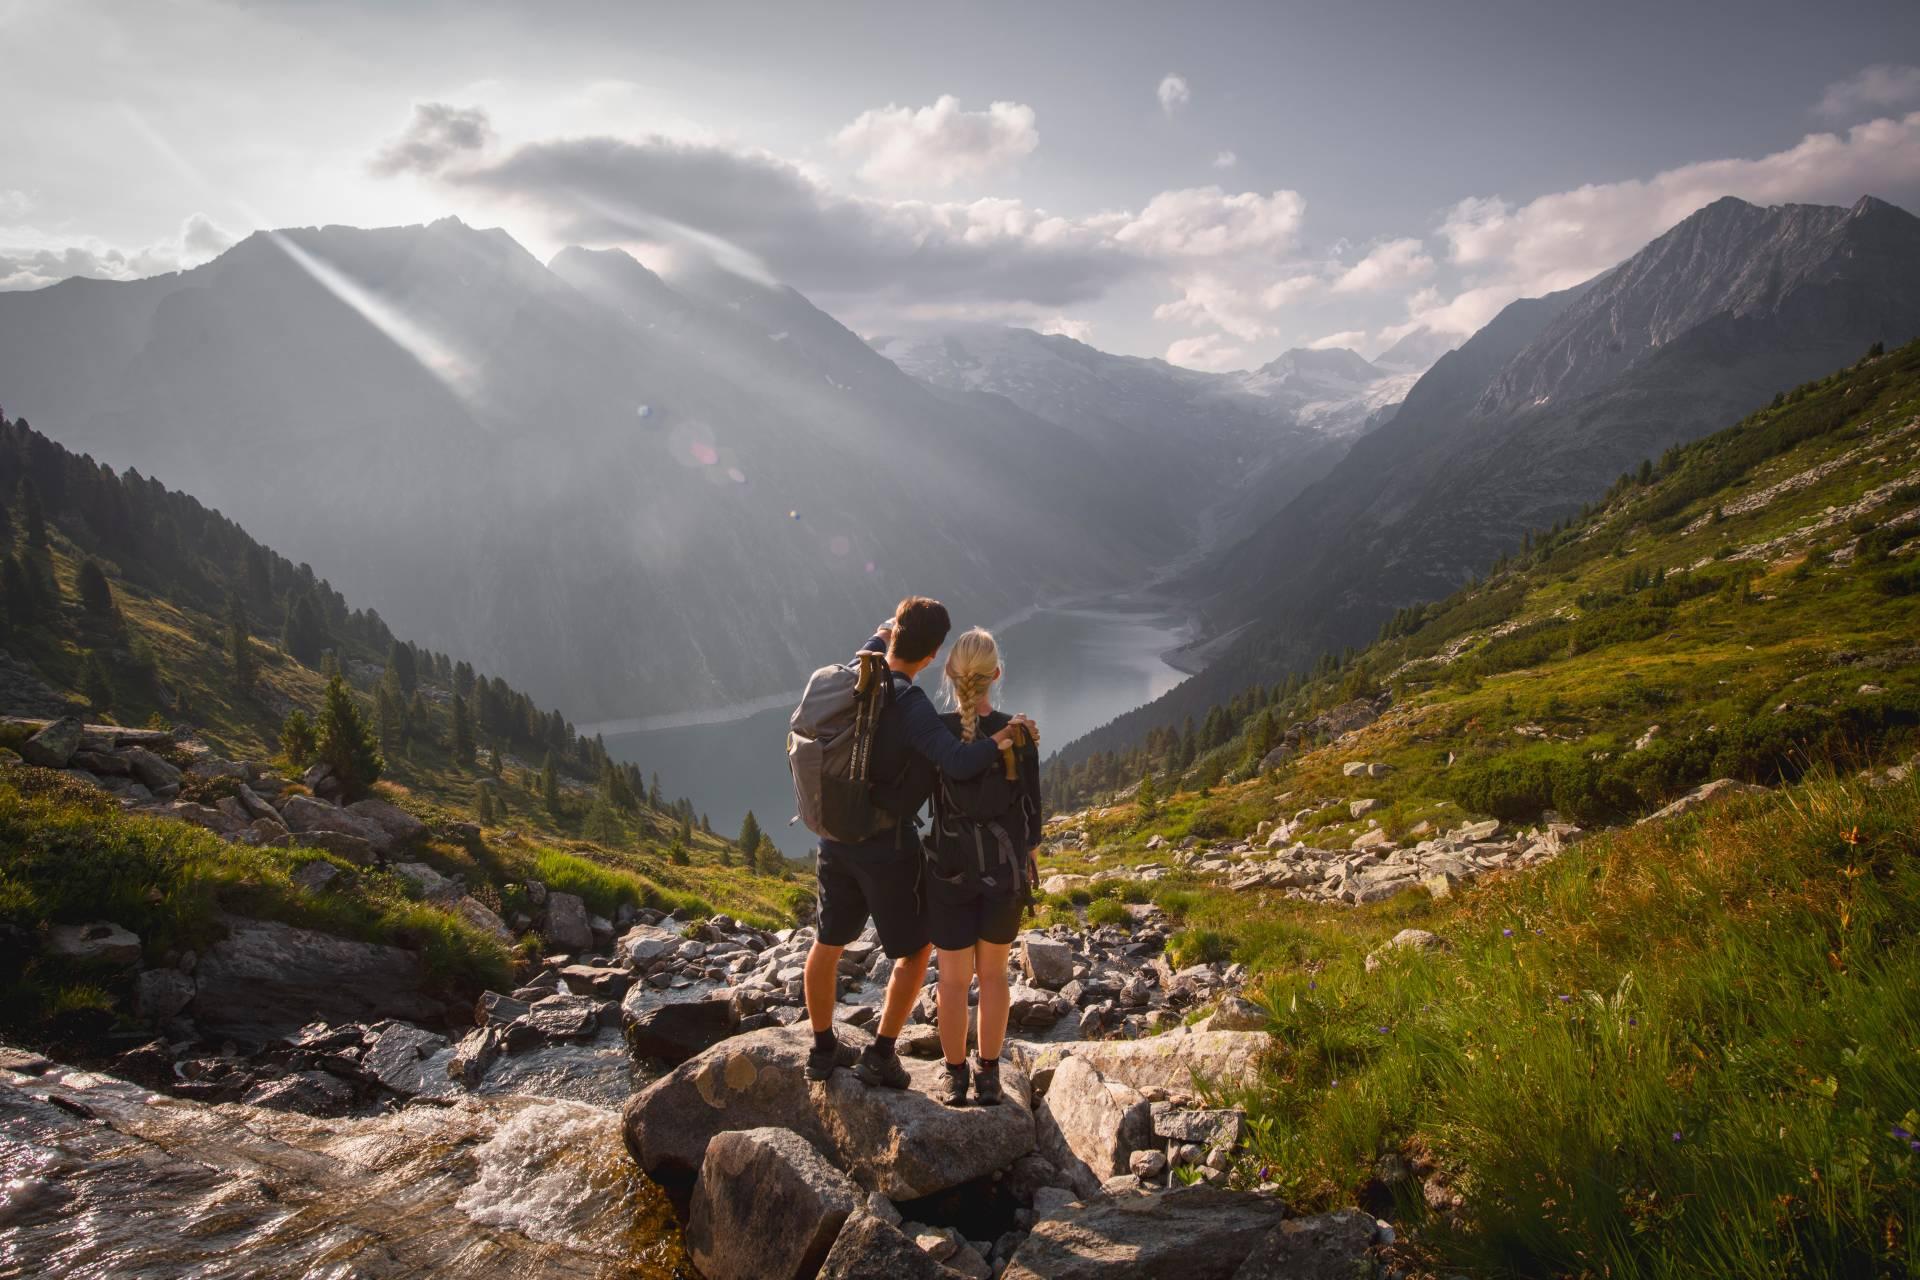 Wanderung zur Olperer Hütte - Blick auf den Schlegeis Stausee